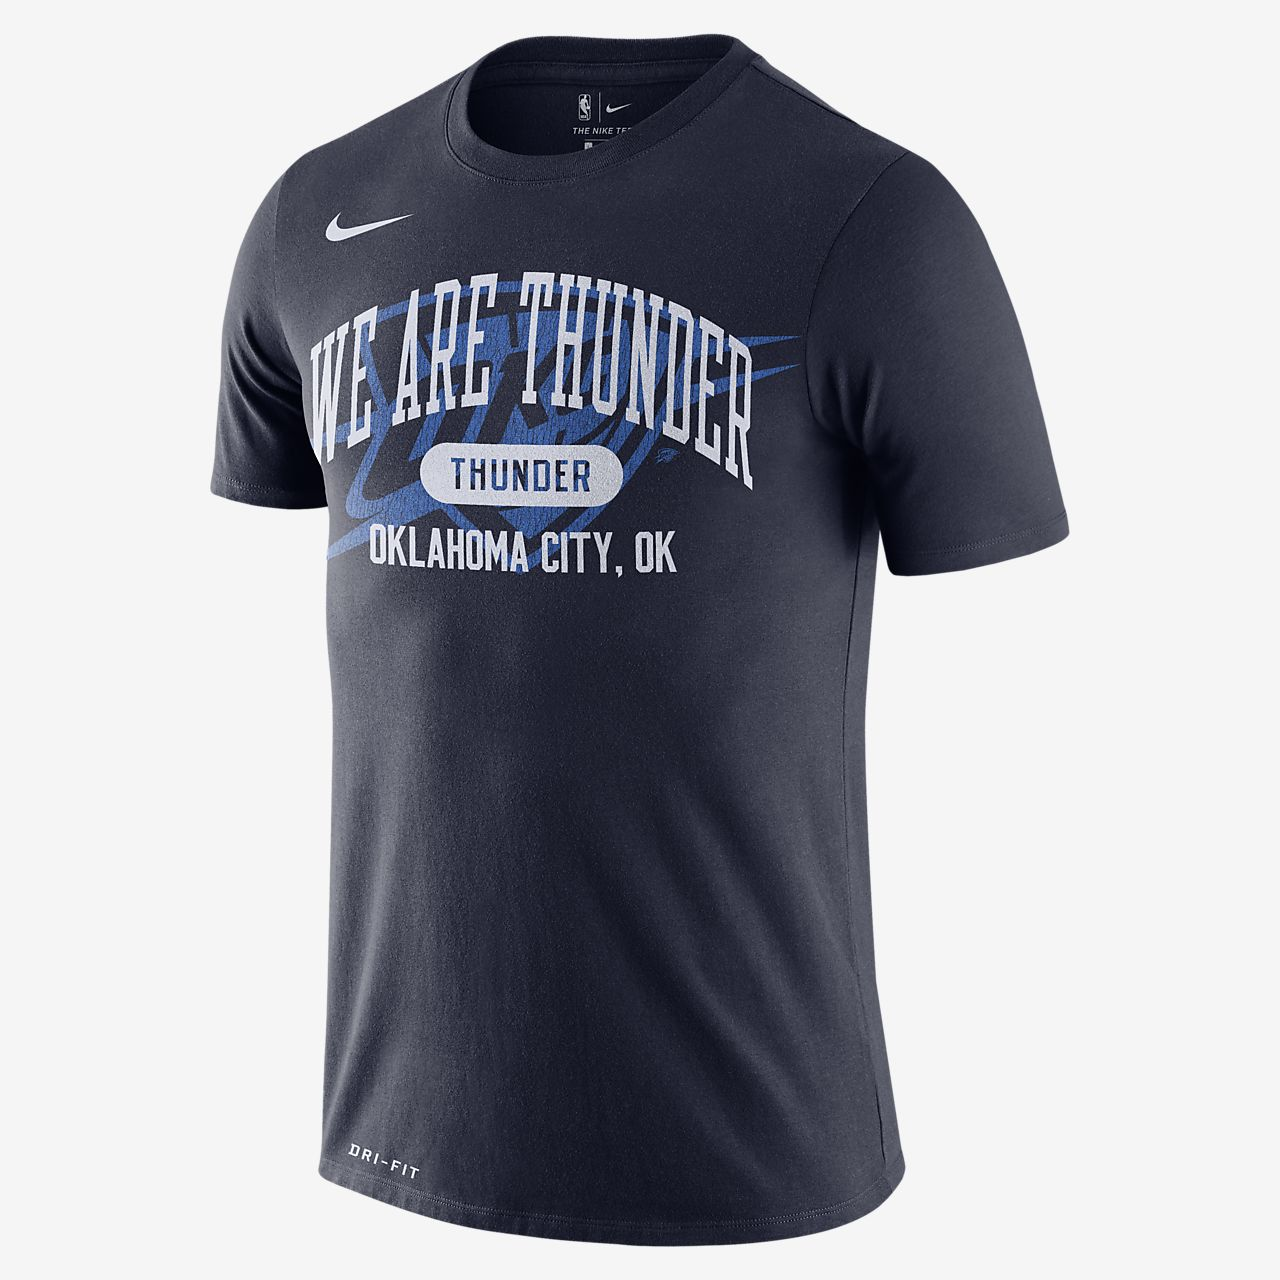 俄克拉荷马城雷霆队 Nike Dri-FIT NBA 男子T恤